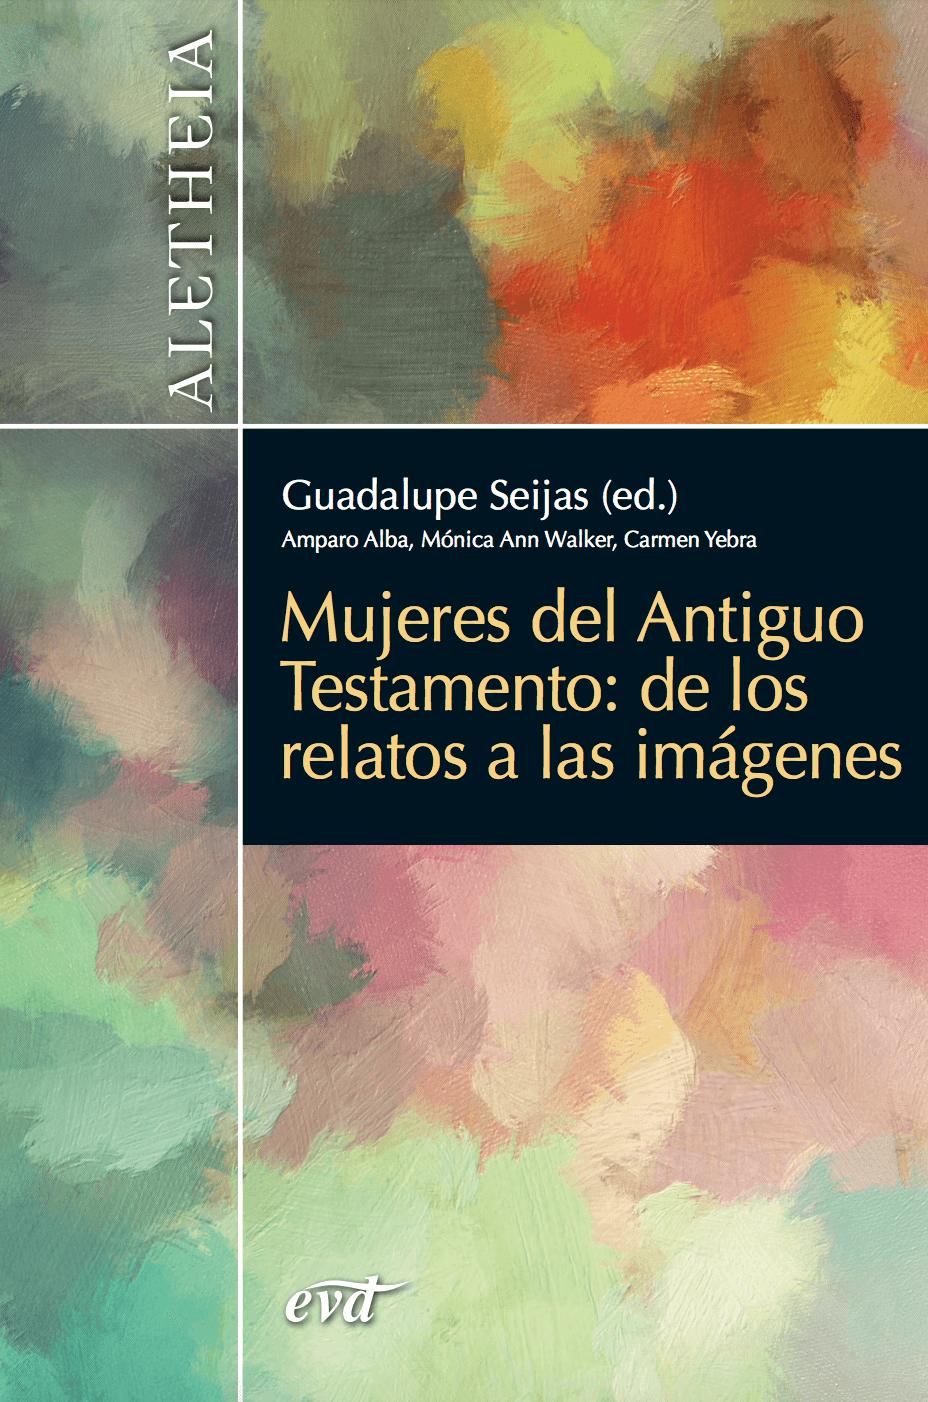 Mujeres del Antiguo Testamento: de los relatos a las imágenes